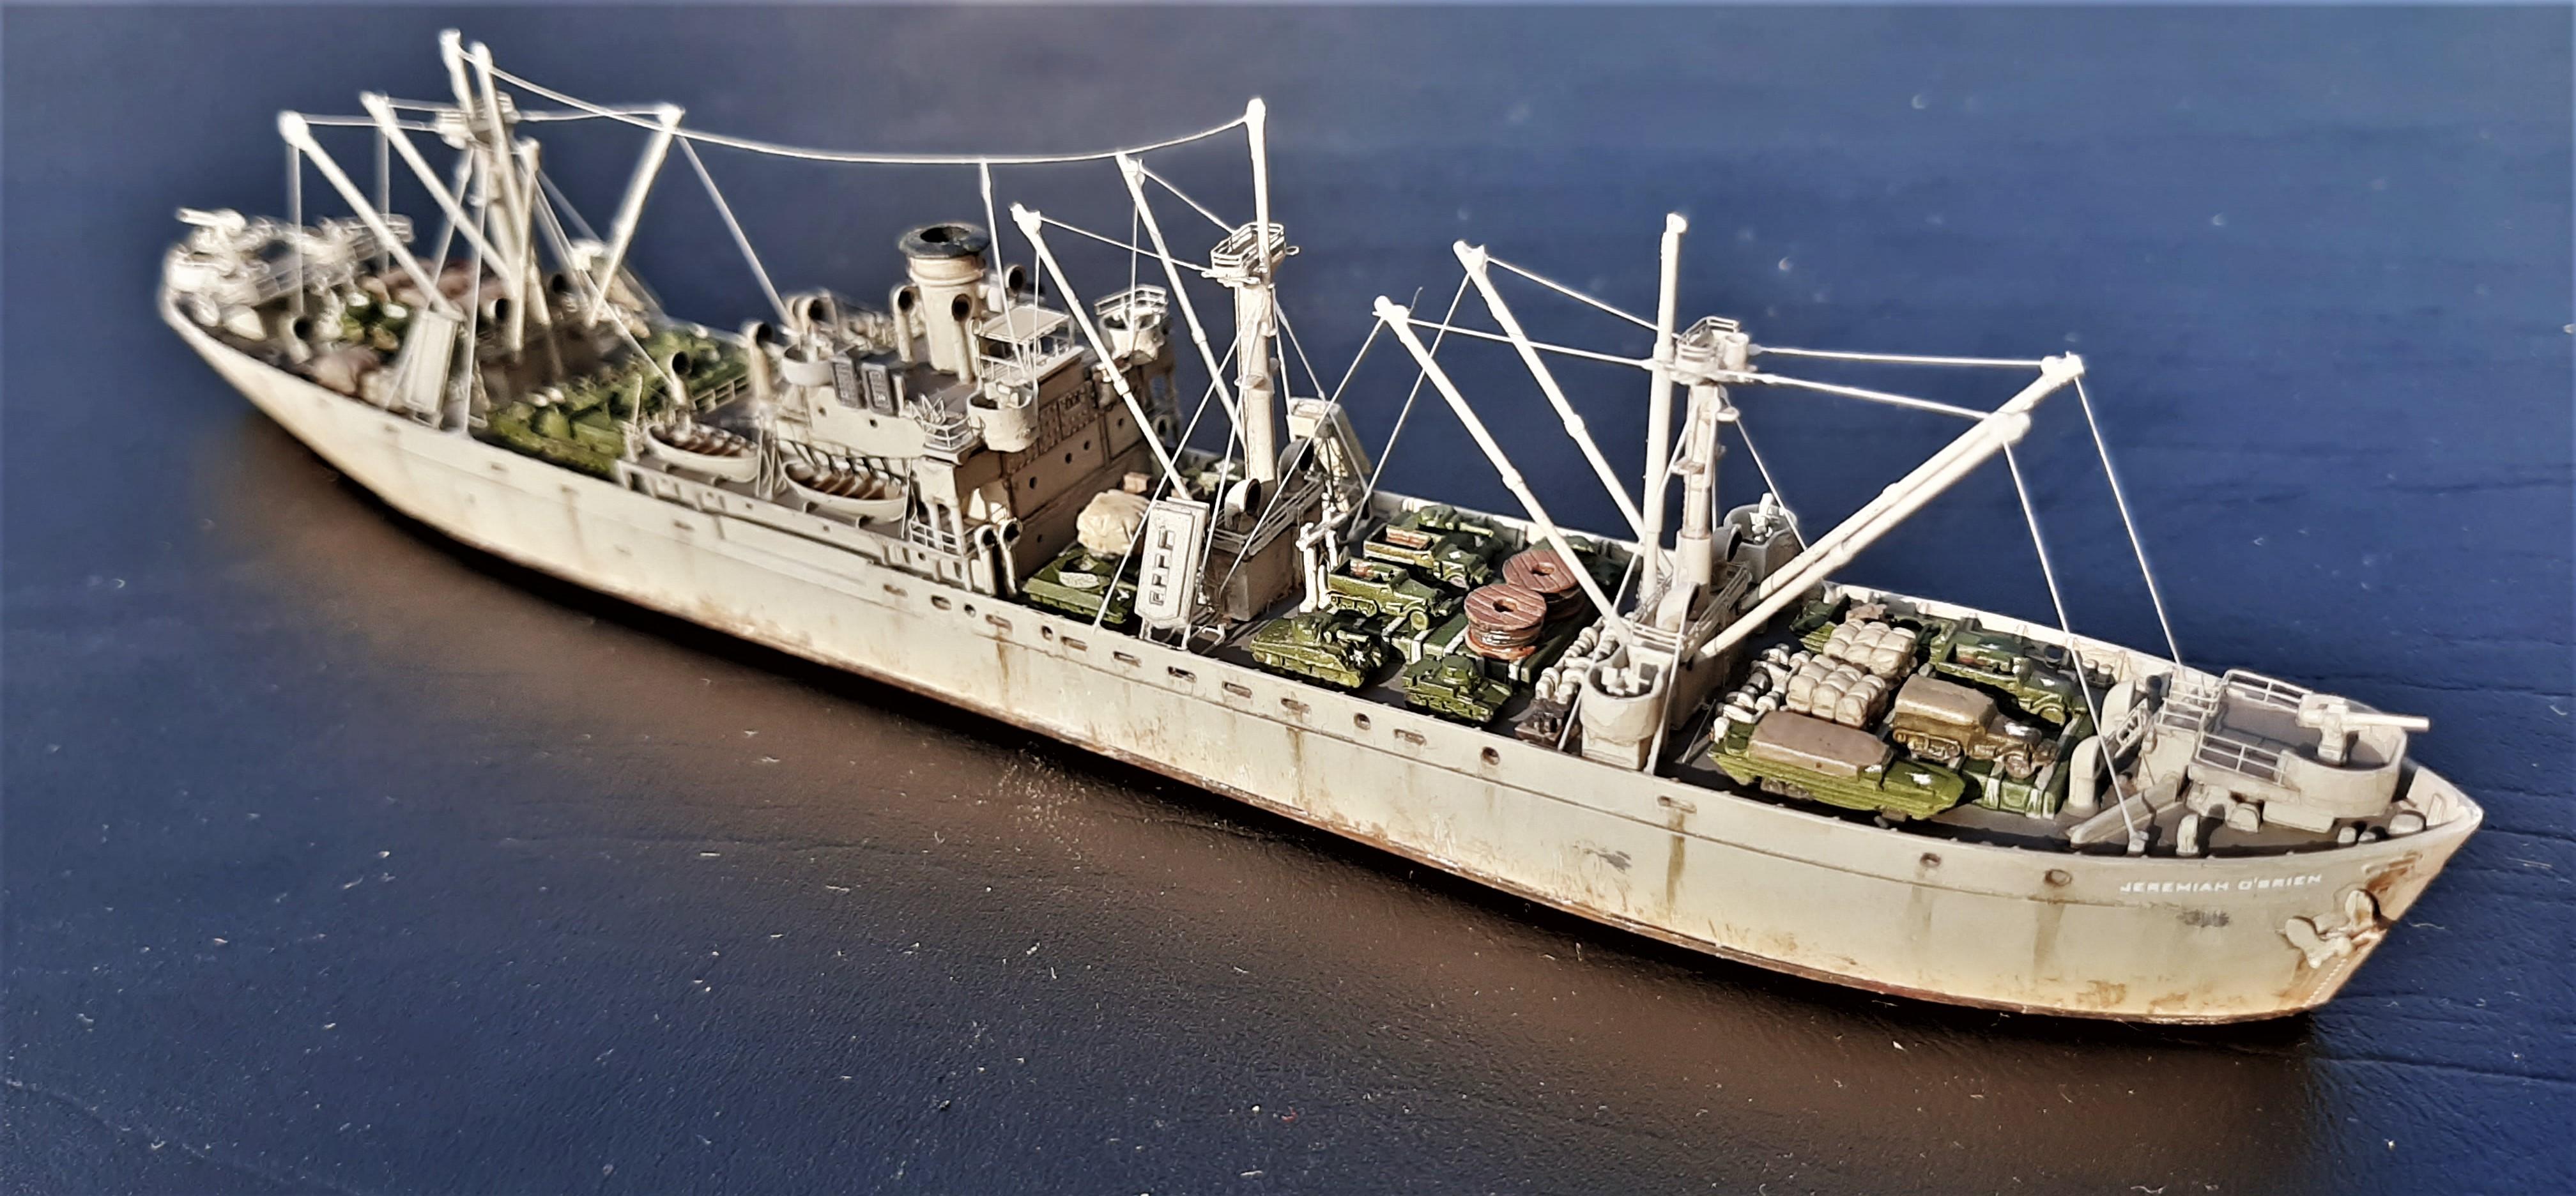 Liberty ship Jeremiah O'Brien 1/700 Trumpeter  Q9Xq2L